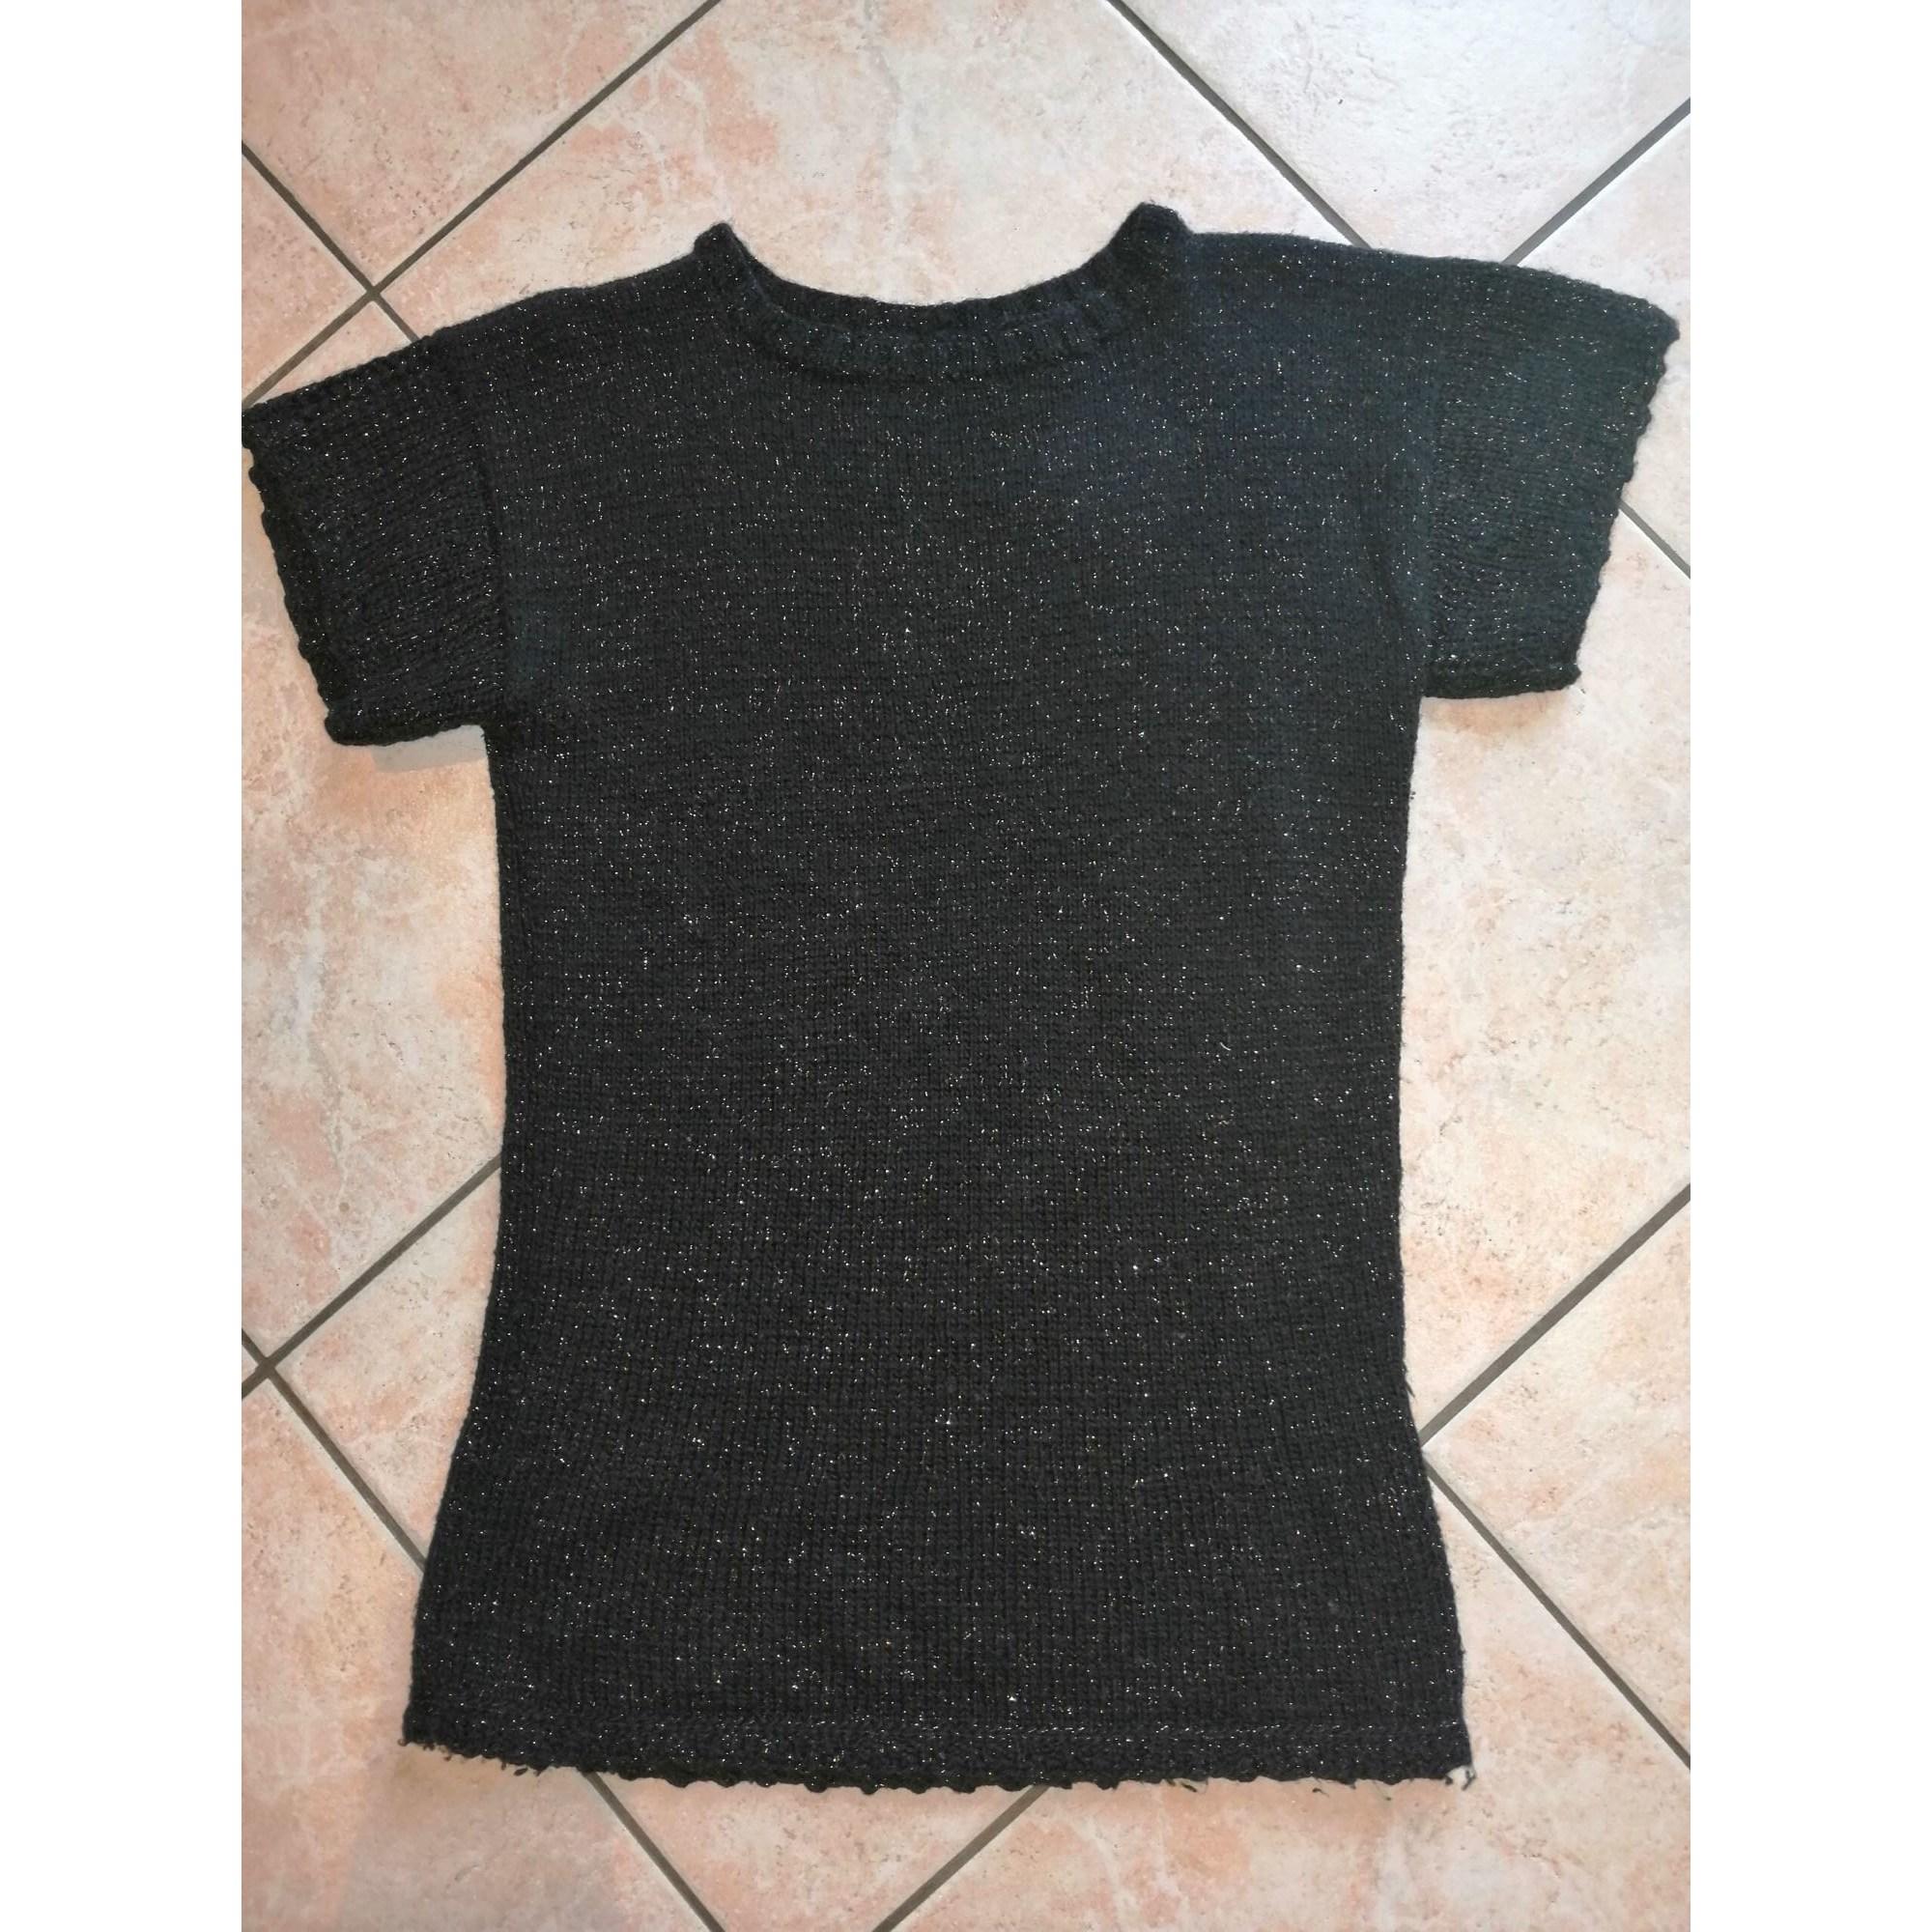 Pull tunique MARQUE INCONNUE Noir